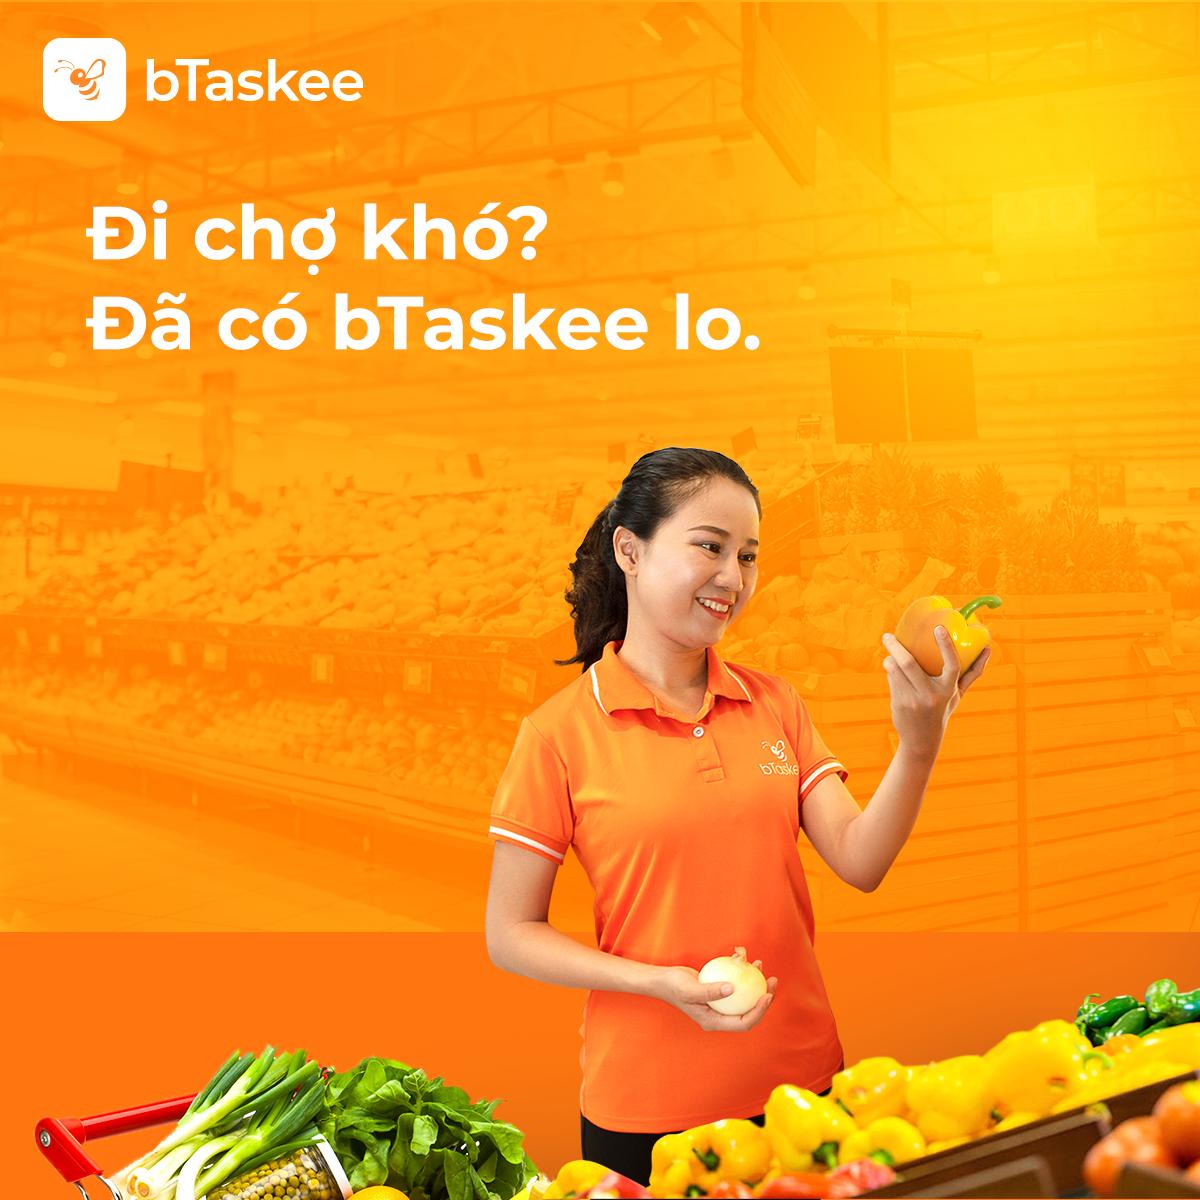 Các chị cộng tác viên bTaskee luôn chọn lựa cẩn thận sản phẩm tốt nhất cho khách hàng